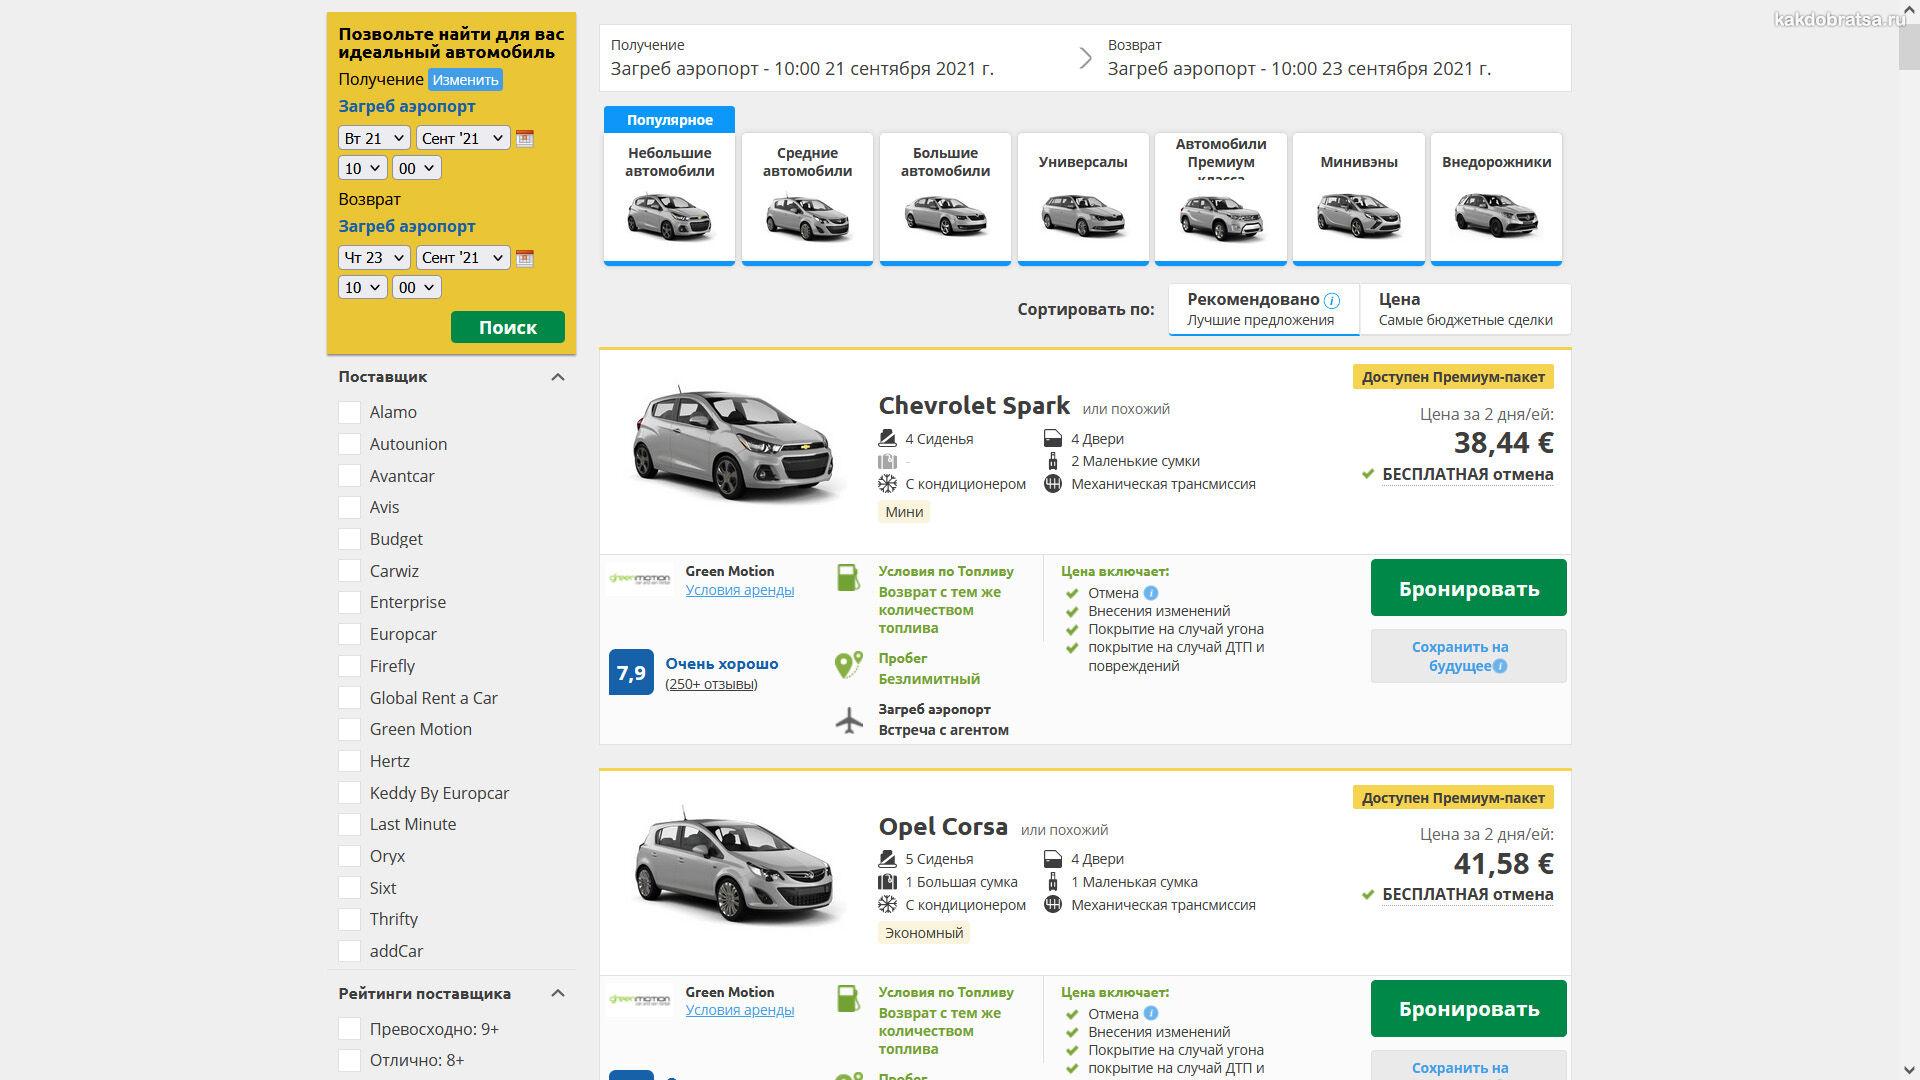 Цены и стоимость аренды авто в Хорватии